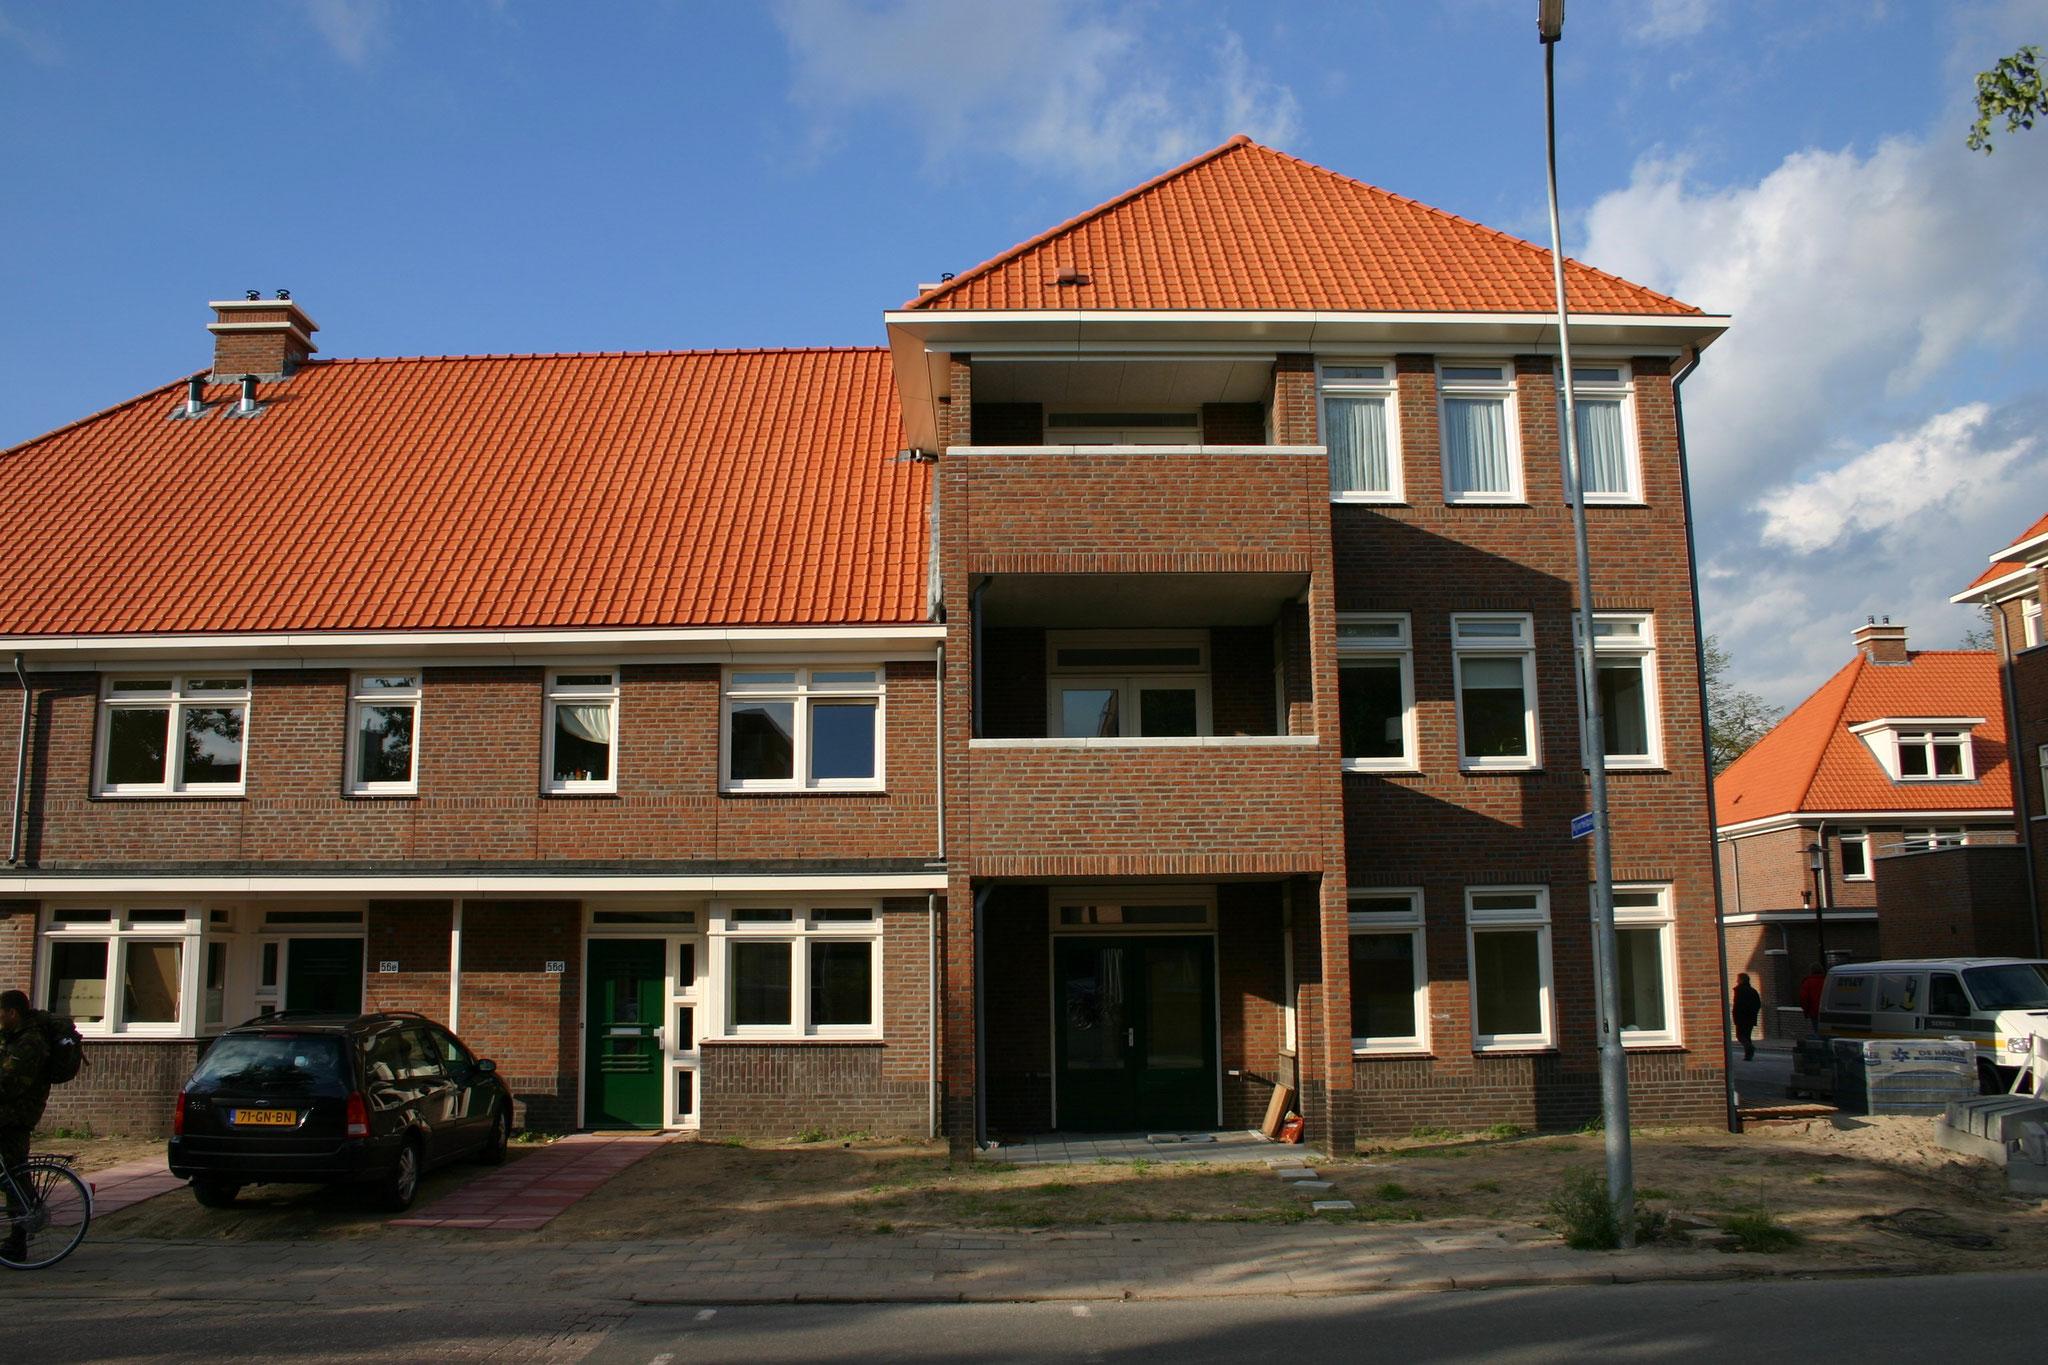 Nieuwbouw van 61 luxe woningen en 80 seniorenappartementen in Ede. Werkzaamheden: Bouwkundig tekenwerk en vergunningen. Opdrachtgever: woningcorporatie Woonstede.